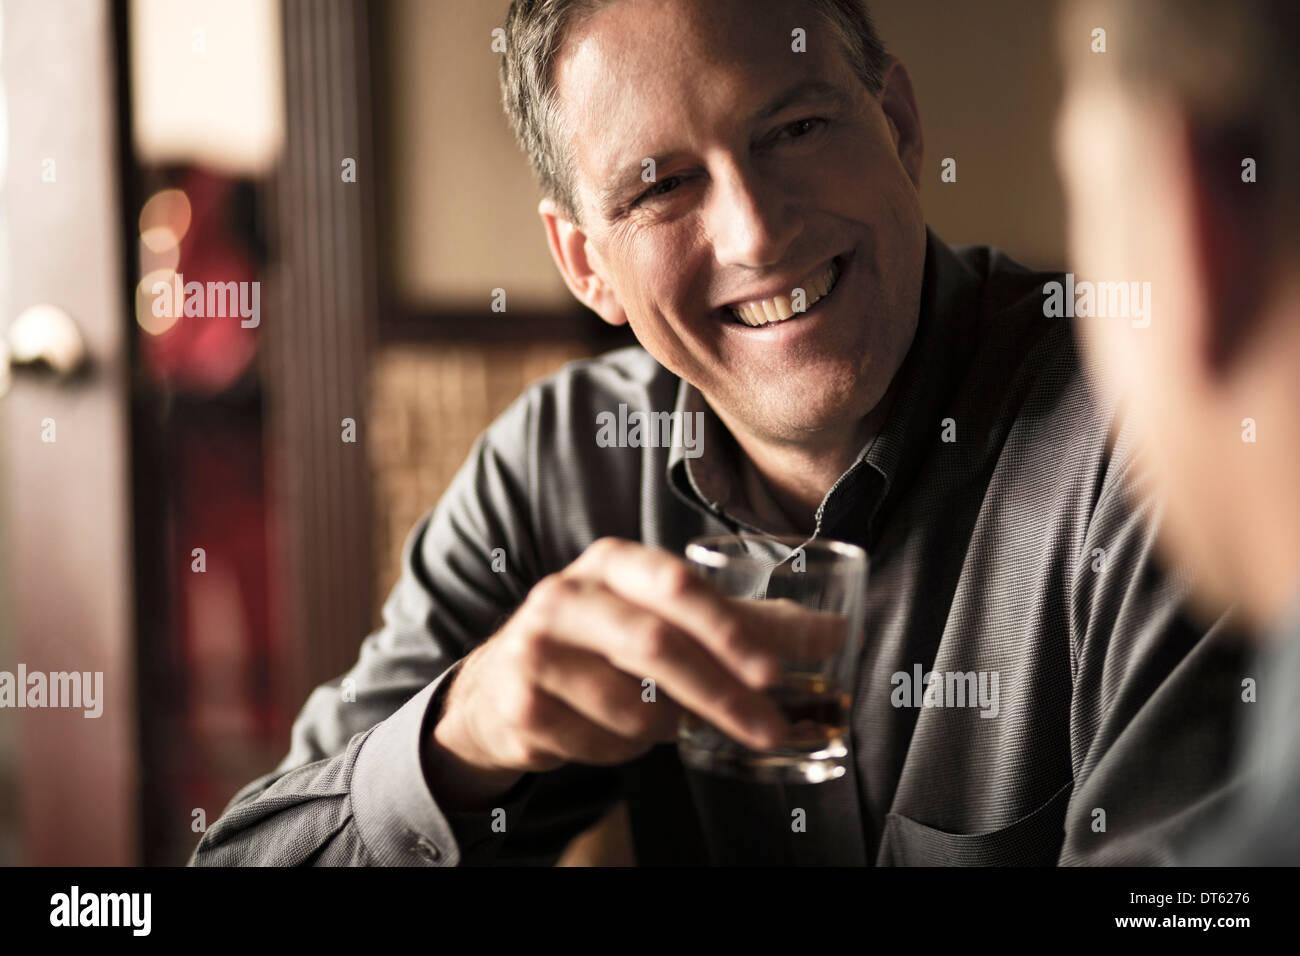 Des collègues d'affaires partage d'un verre au bar à vin Photo Stock